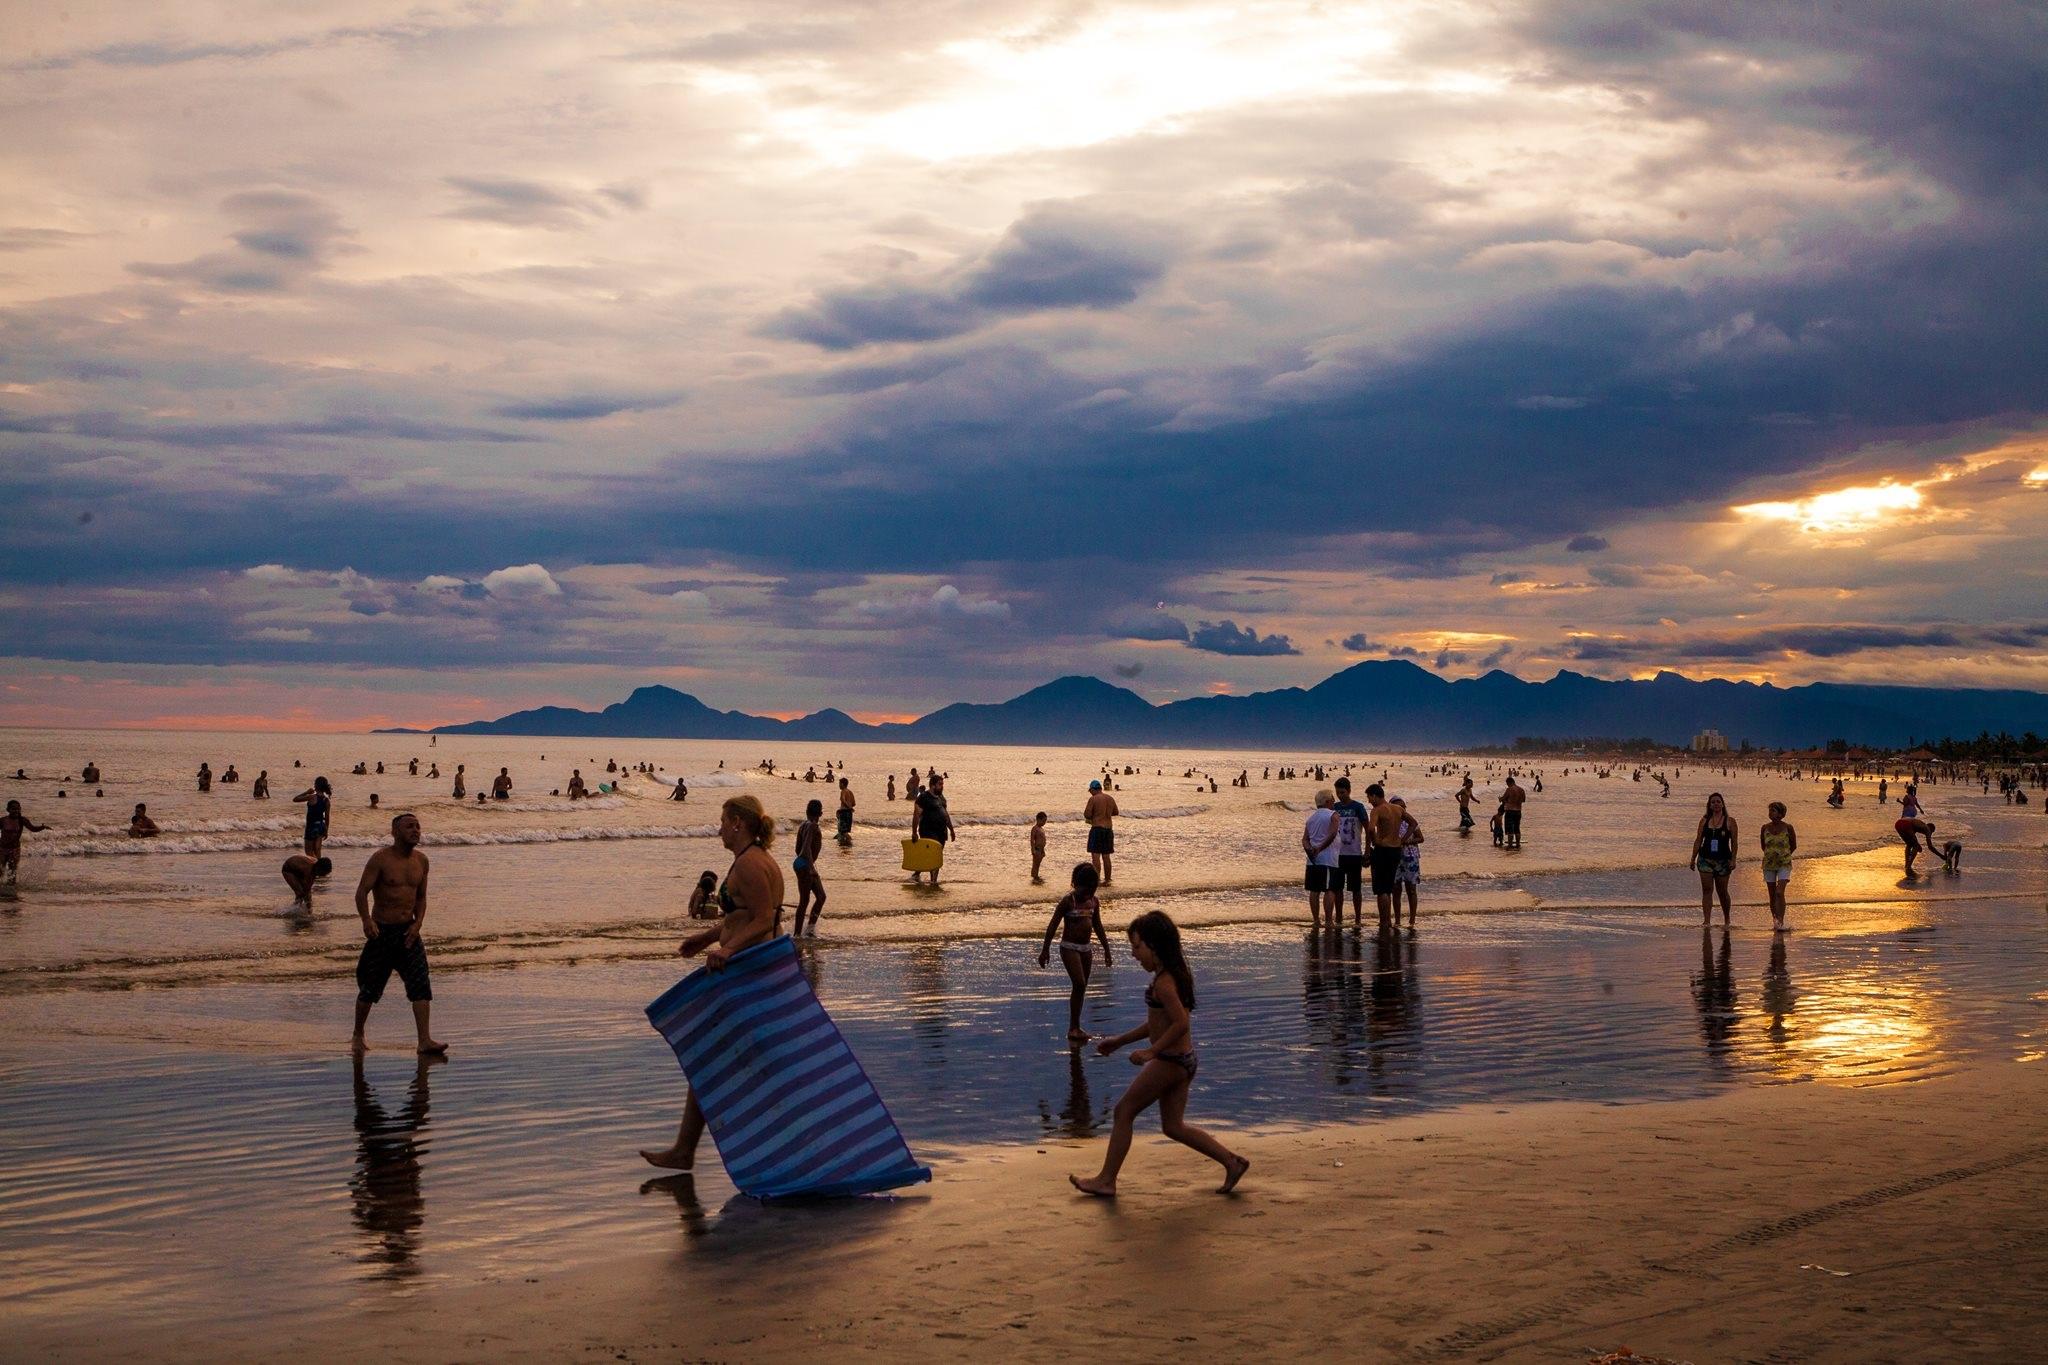 бехтерева картинки побережья и людей берег